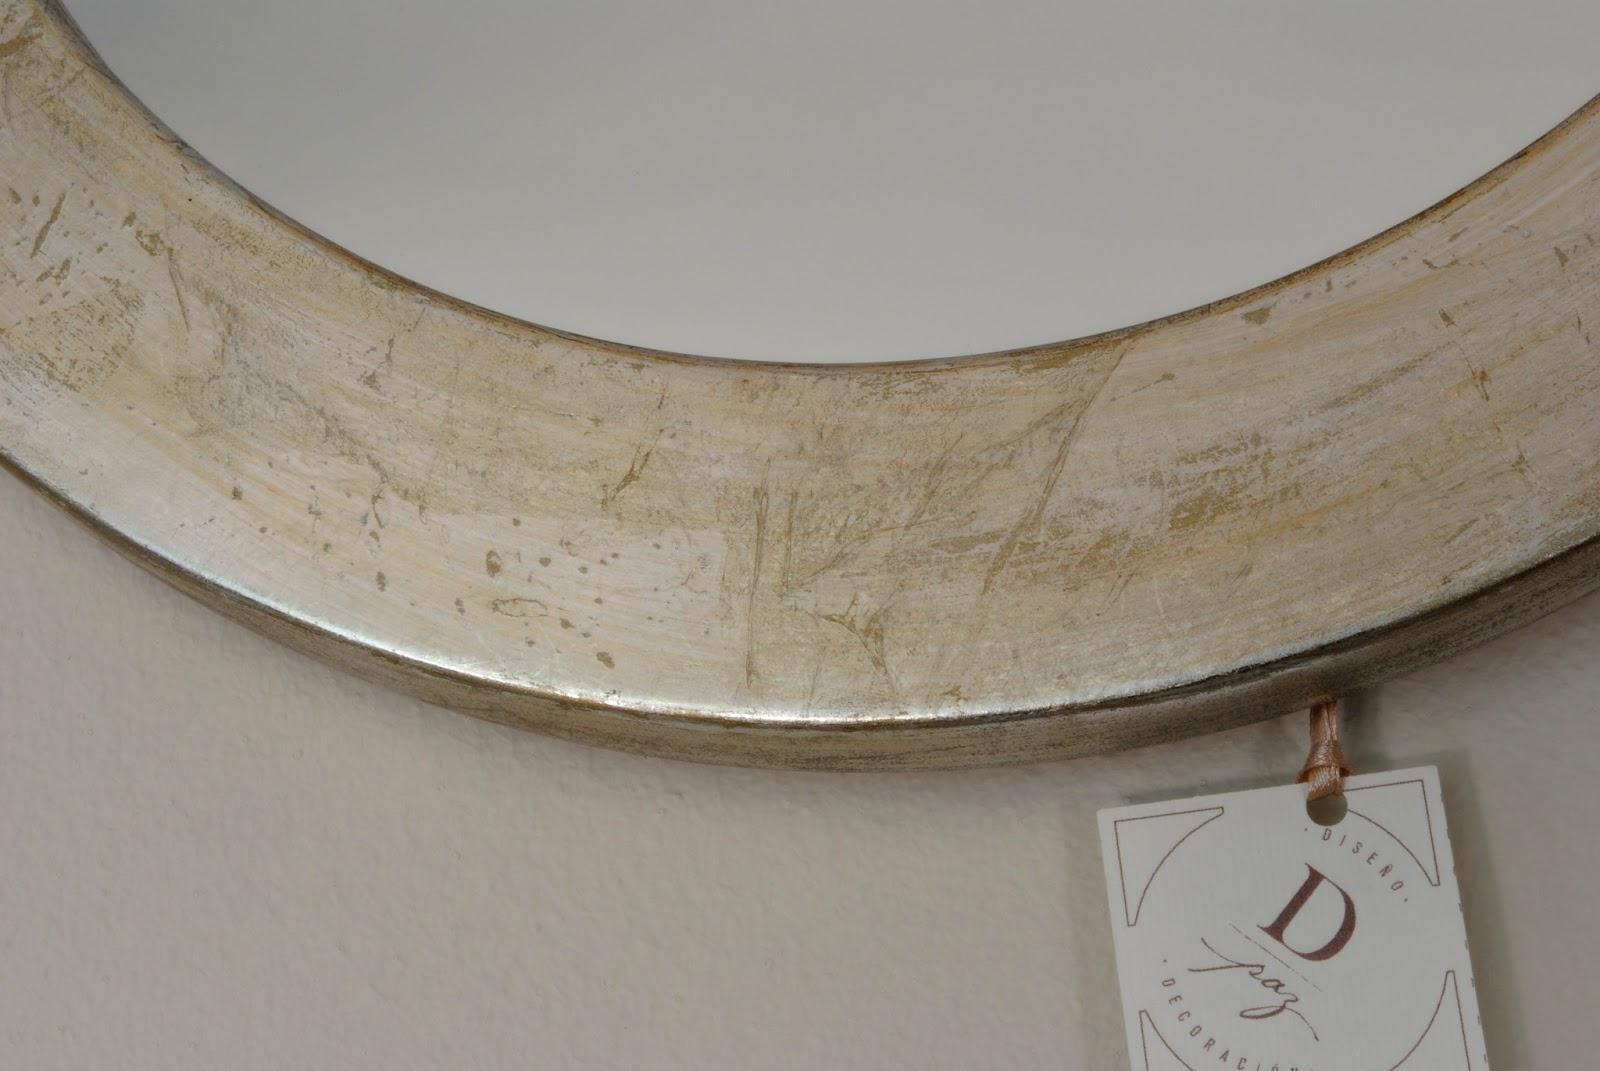 espejos laminados en color plata artesana excusiva hecha en chile redondo x ovalado x se pueden mandar a hacer en